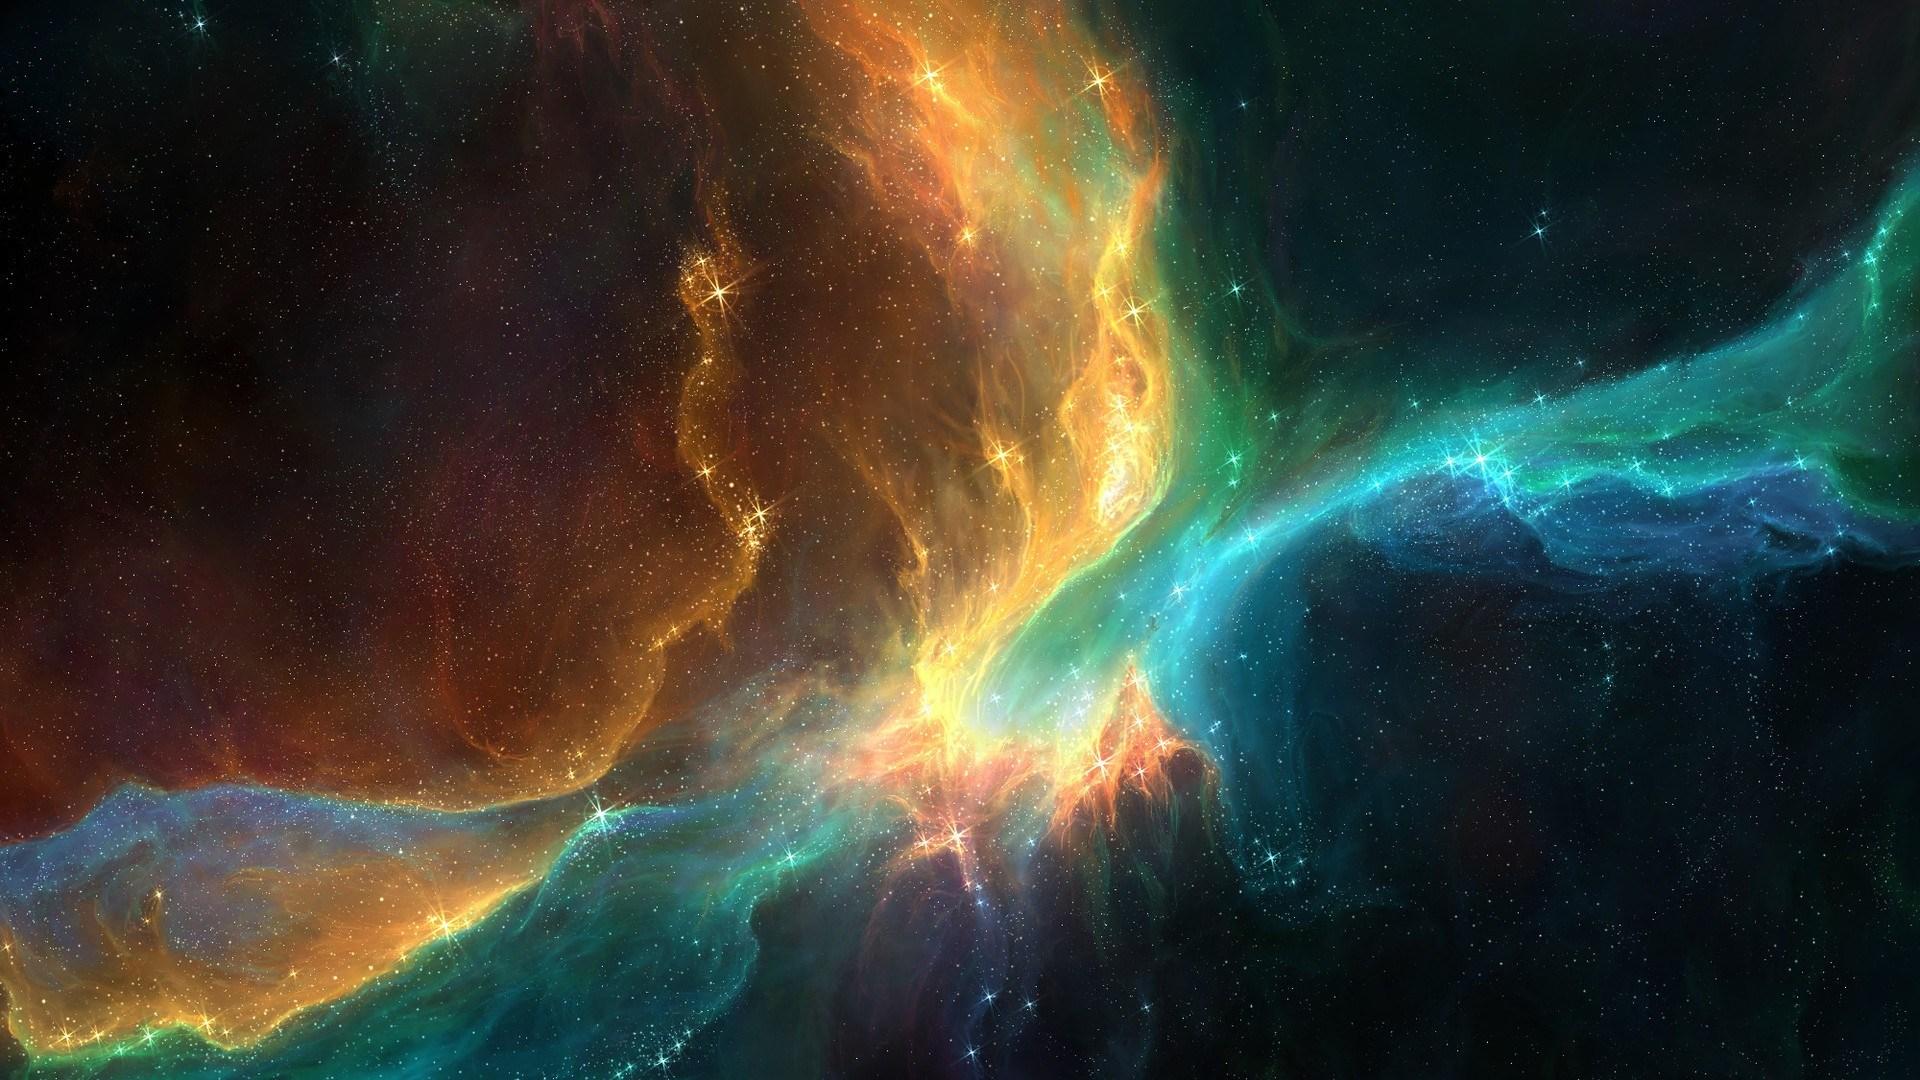 Spaceship Battlefield Space Wallpaper Hd 4k Background